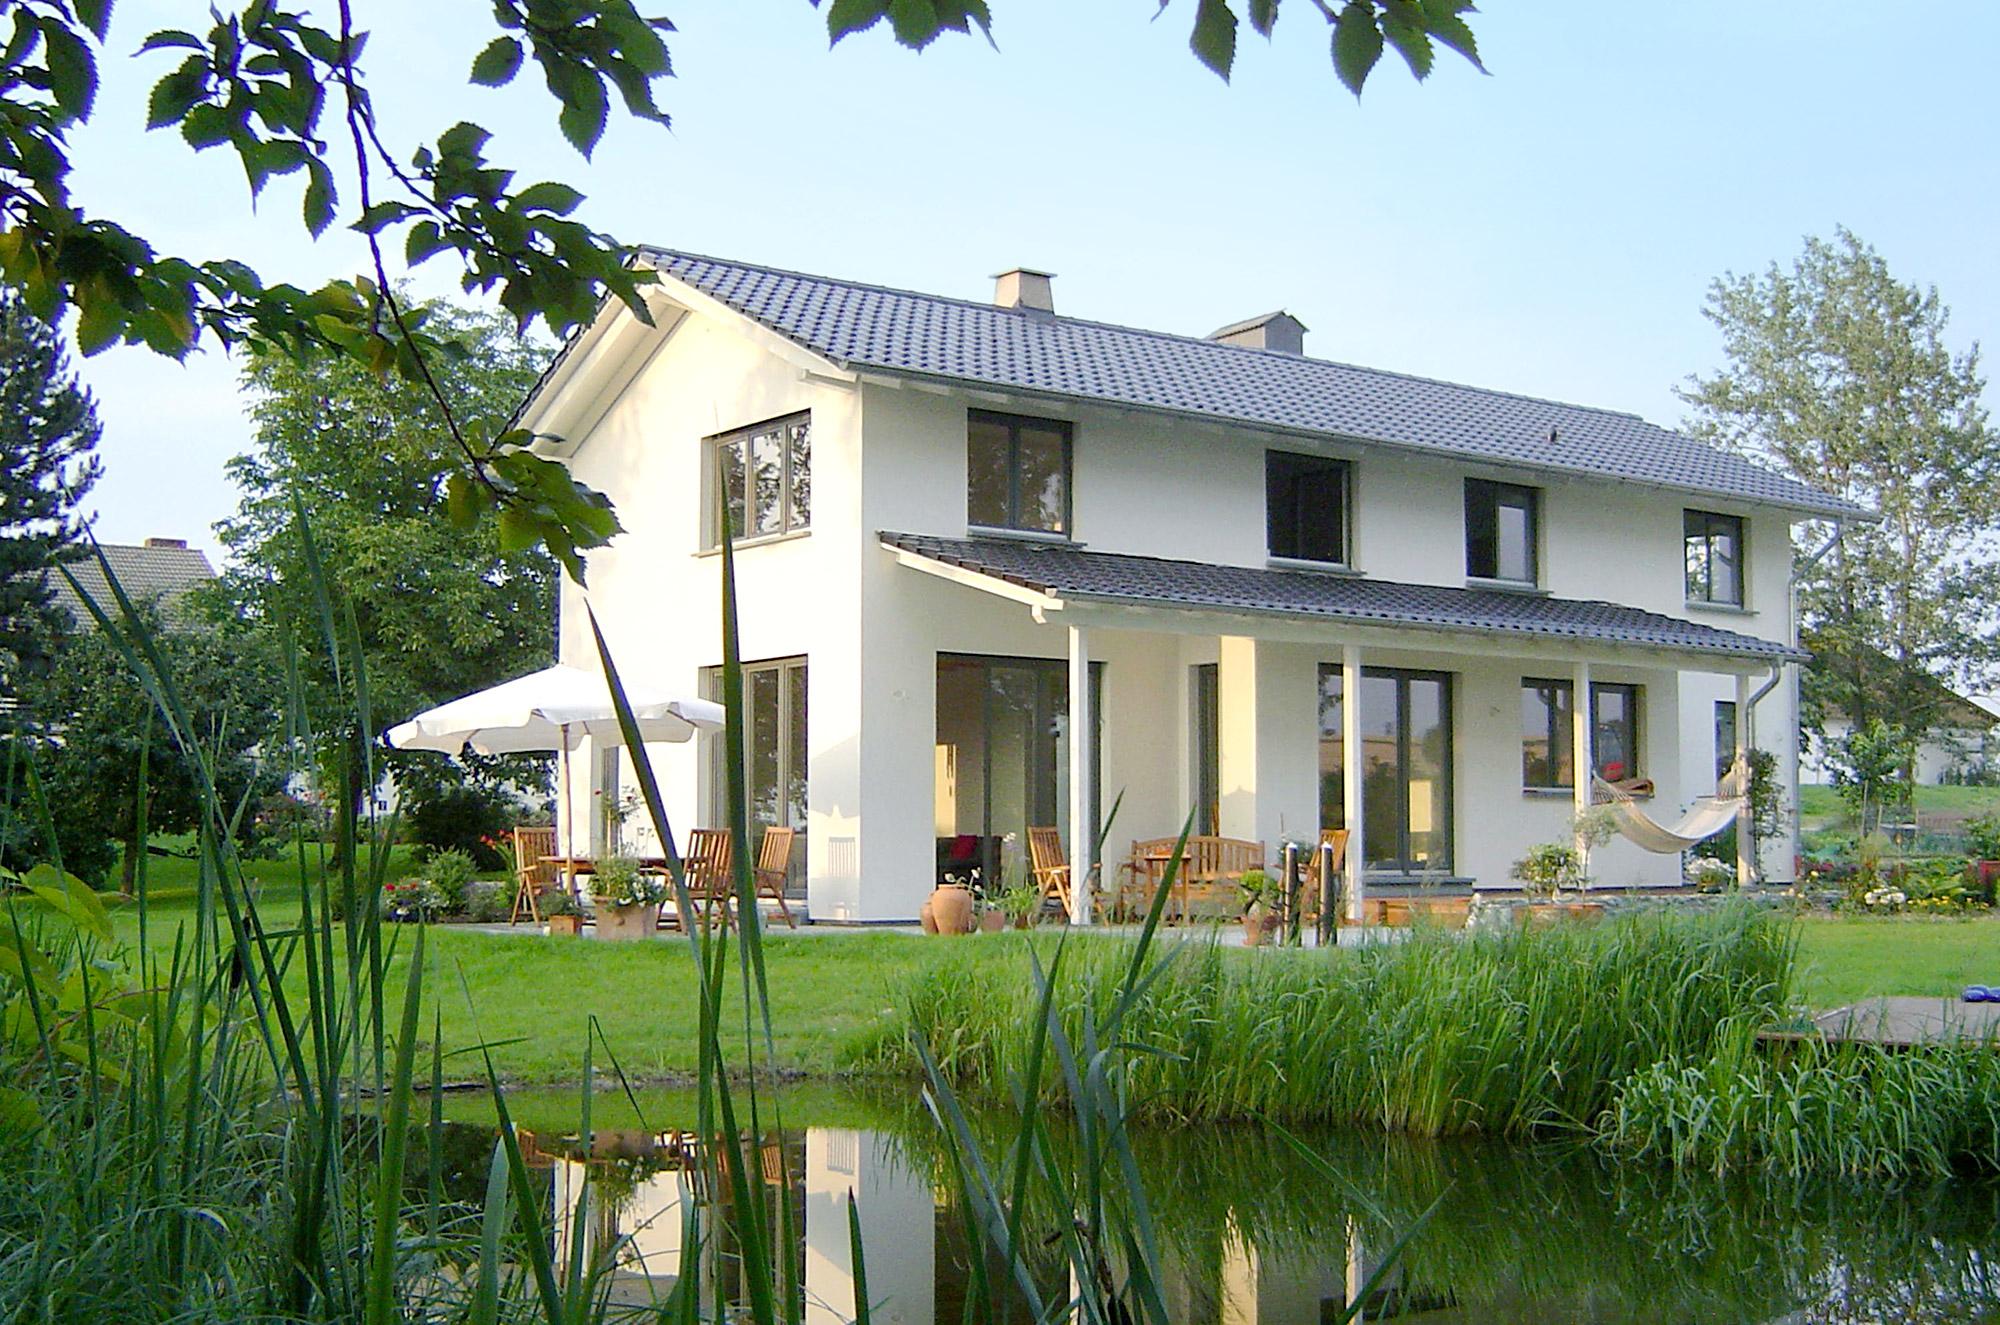 Holzhaus Kreis Soest Nordrhein Westfalen